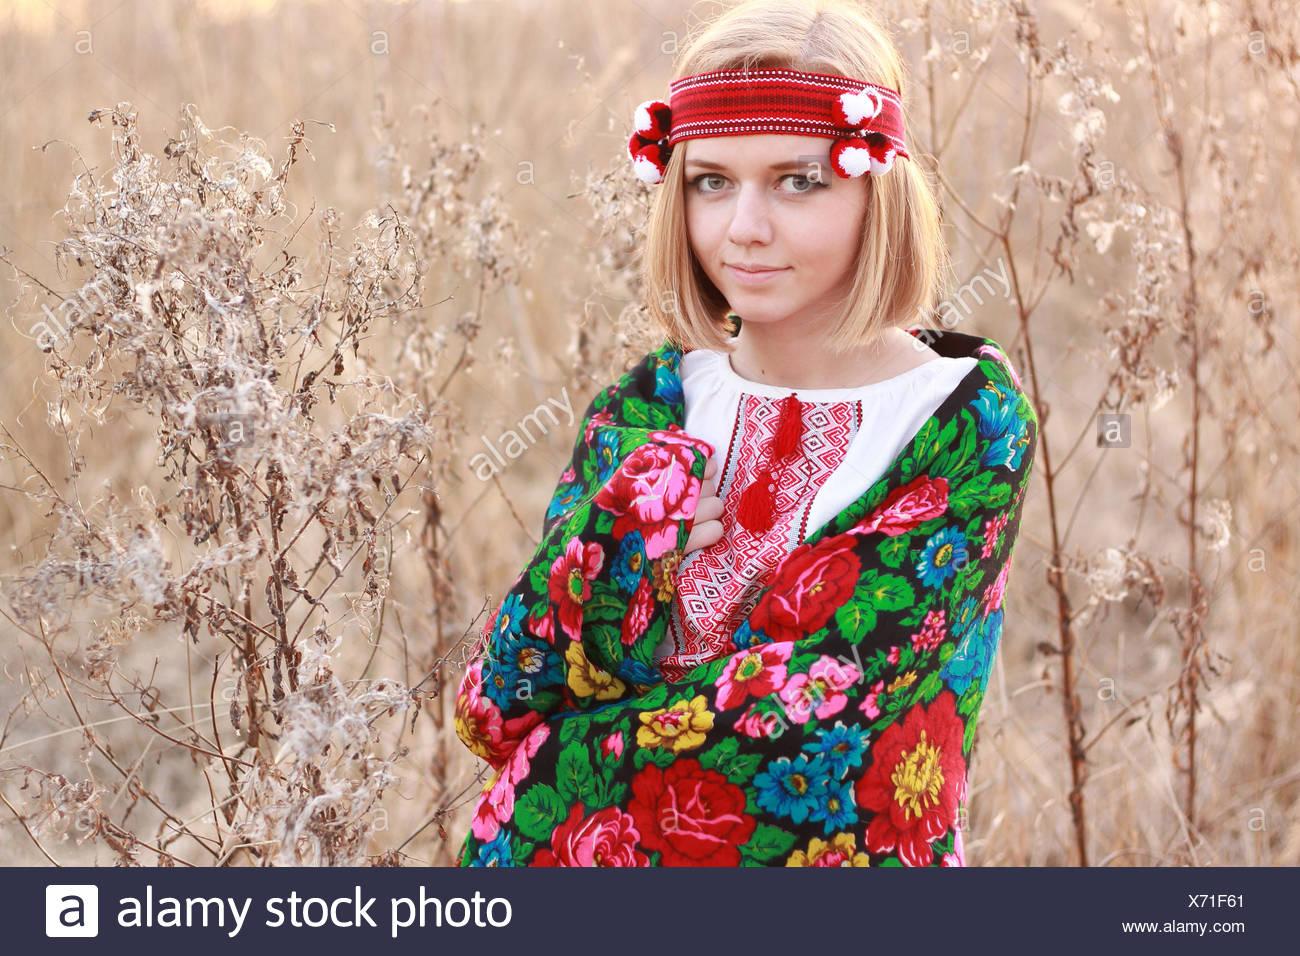 Retrato de mujer joven luciendo mantón tradicional Imagen De Stock